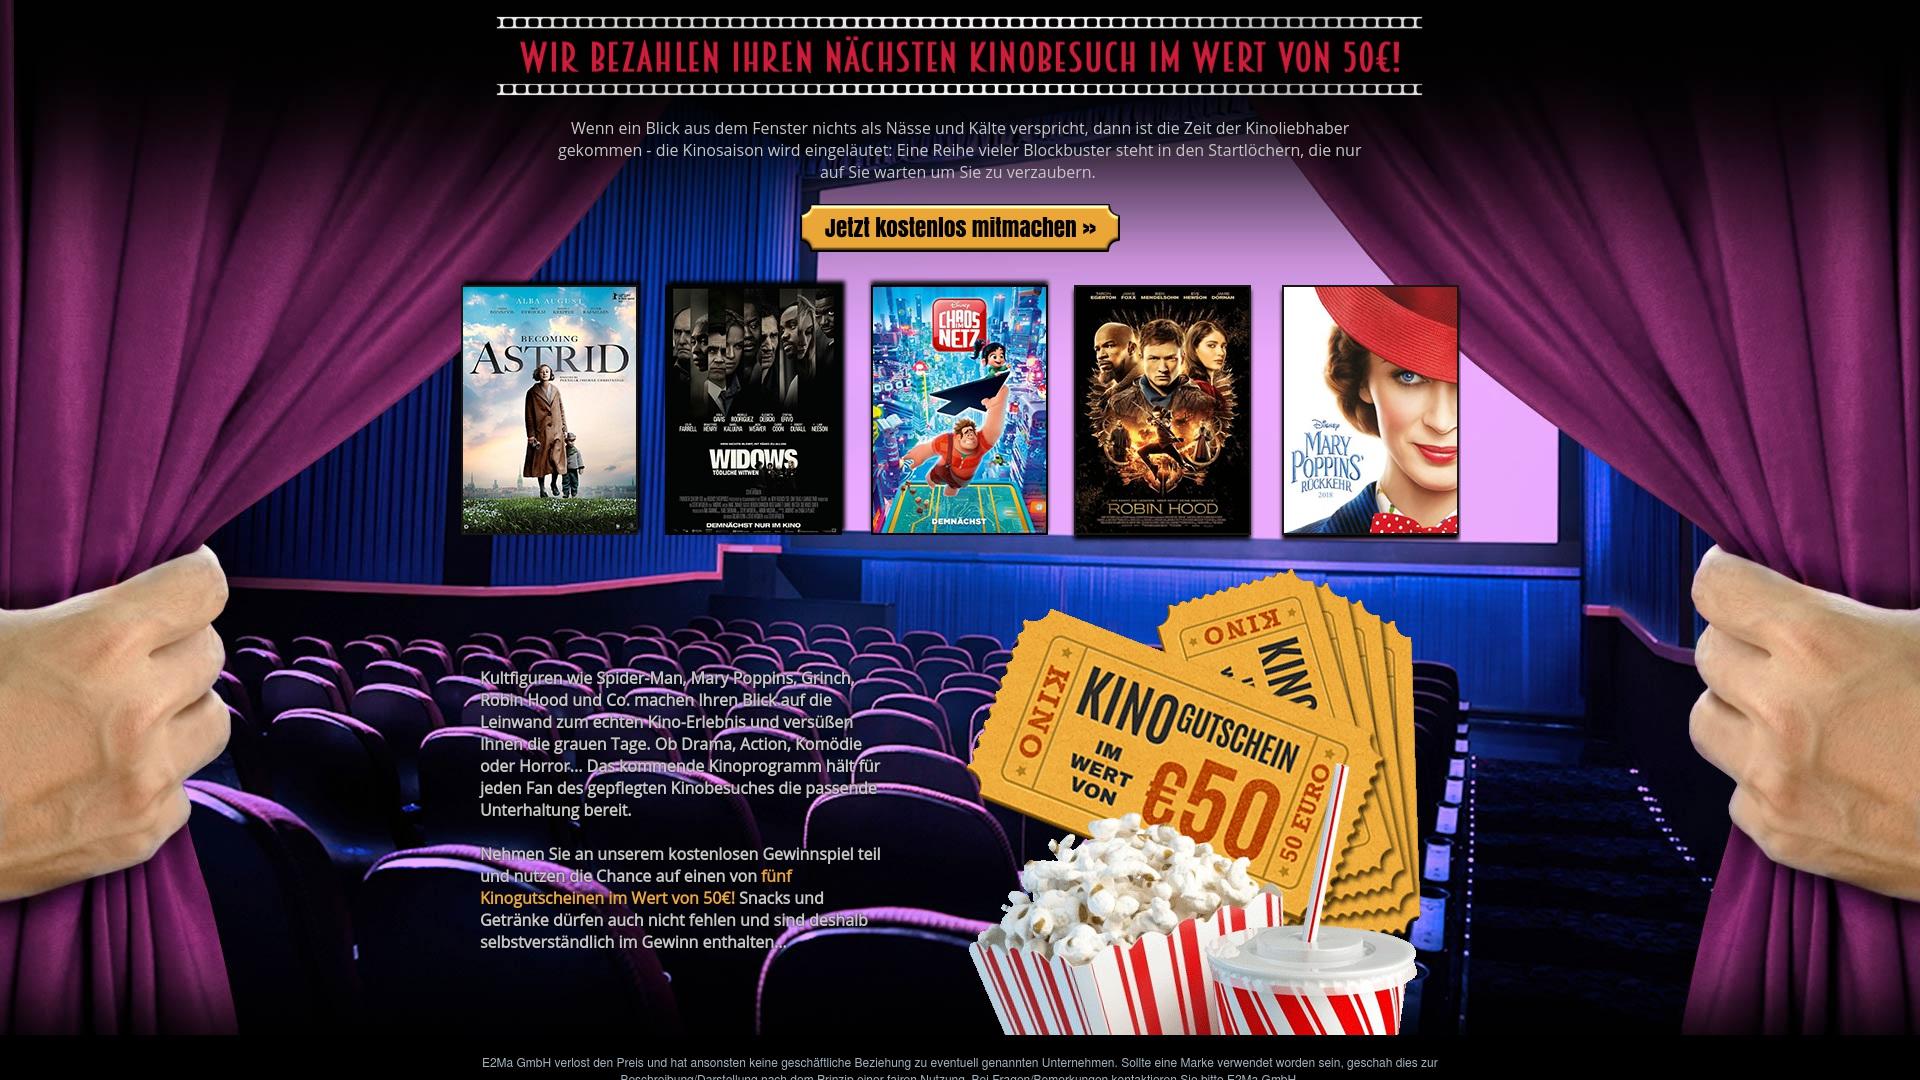 Gutschein für Kino-gutscheine-gewinnen: Rabatte für  Kino-gutscheine-gewinnen sichern